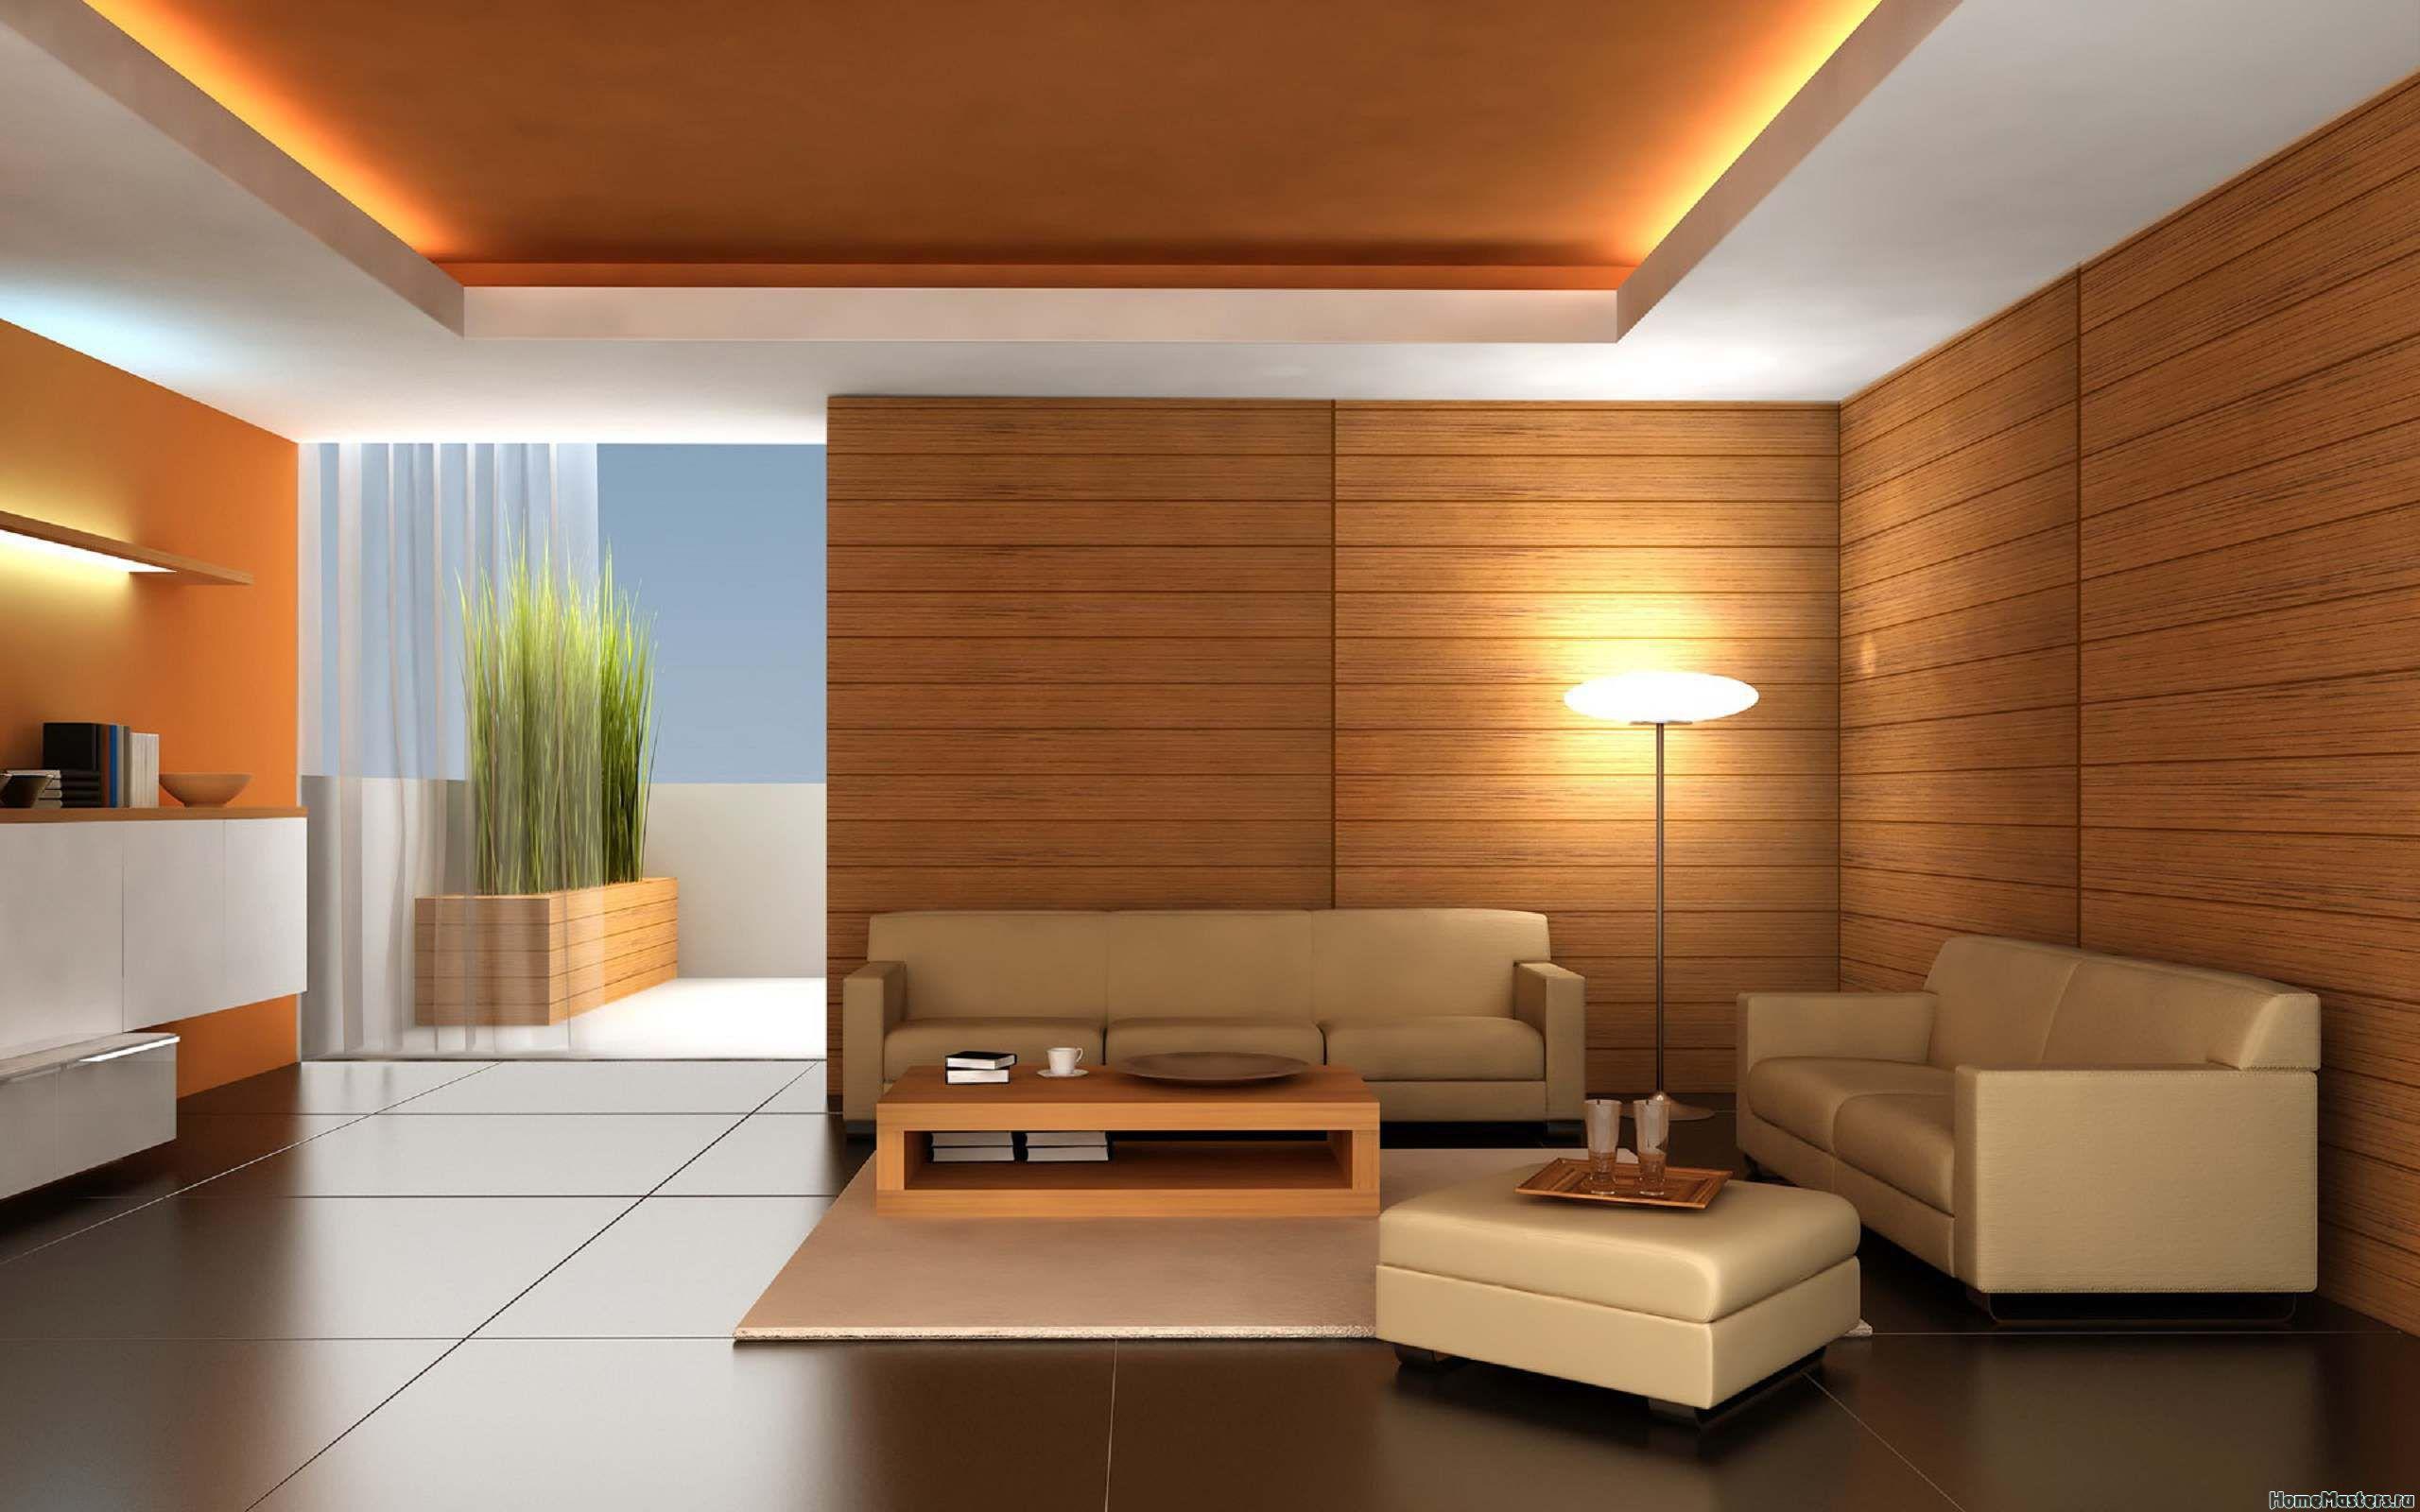 33 einrichtungsideen für tolle deckengestaltung im wohnzimmer, Wohnzimmer dekoo